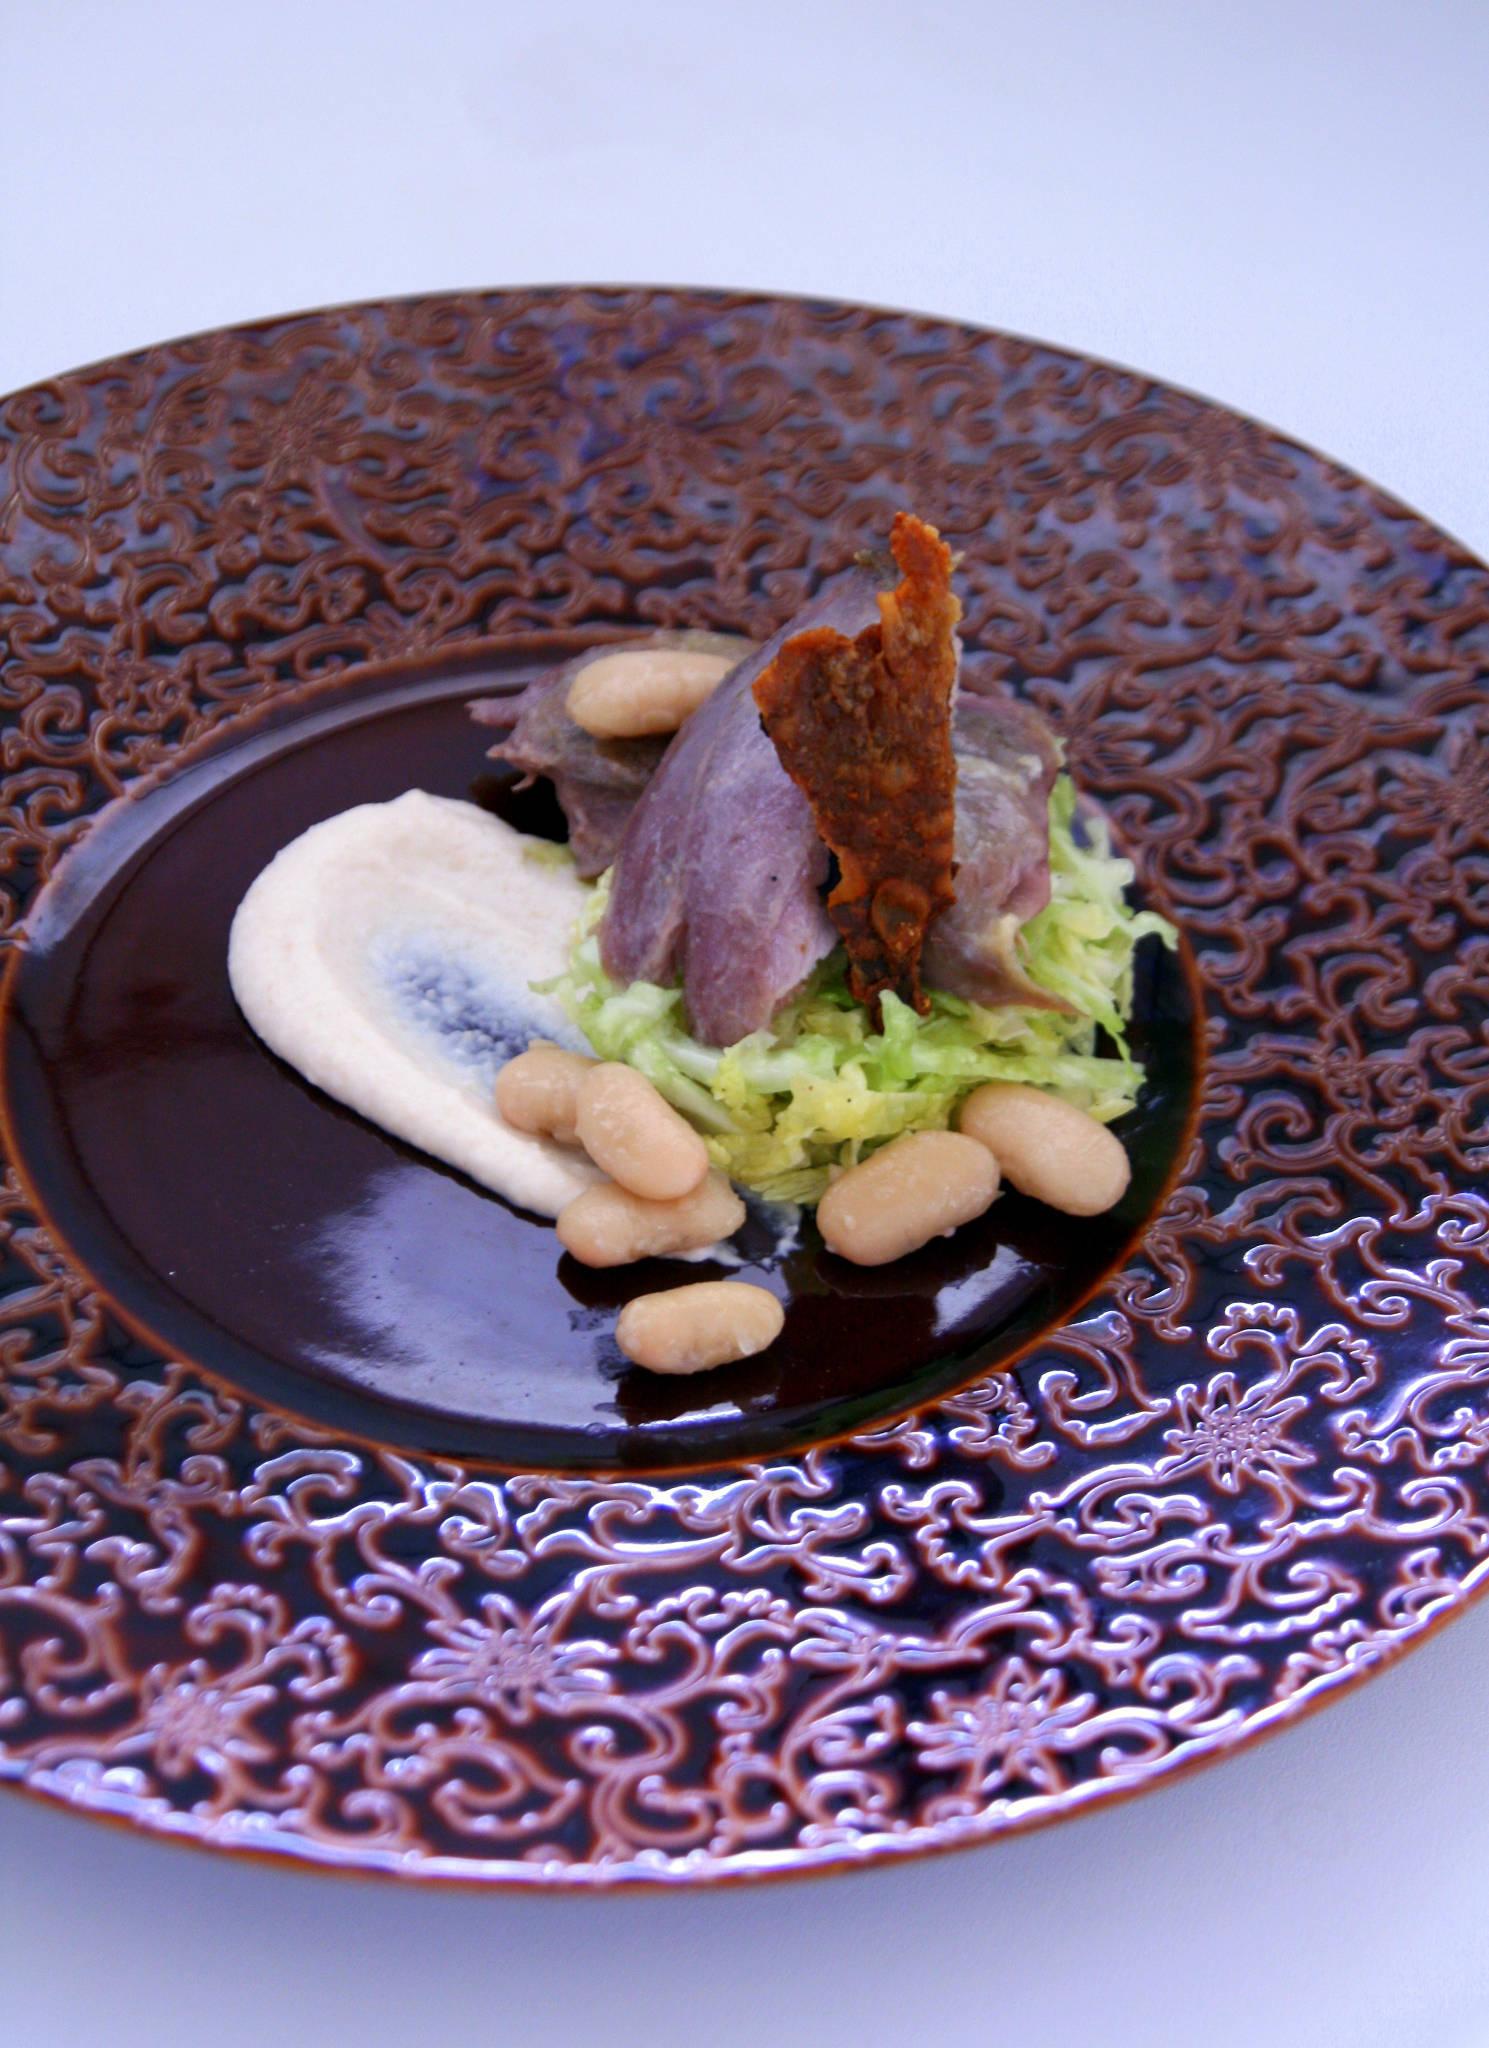 Confit de canard maison, haricots blancs en deux façons à la cannelle, salade de chou à l'huile de noix